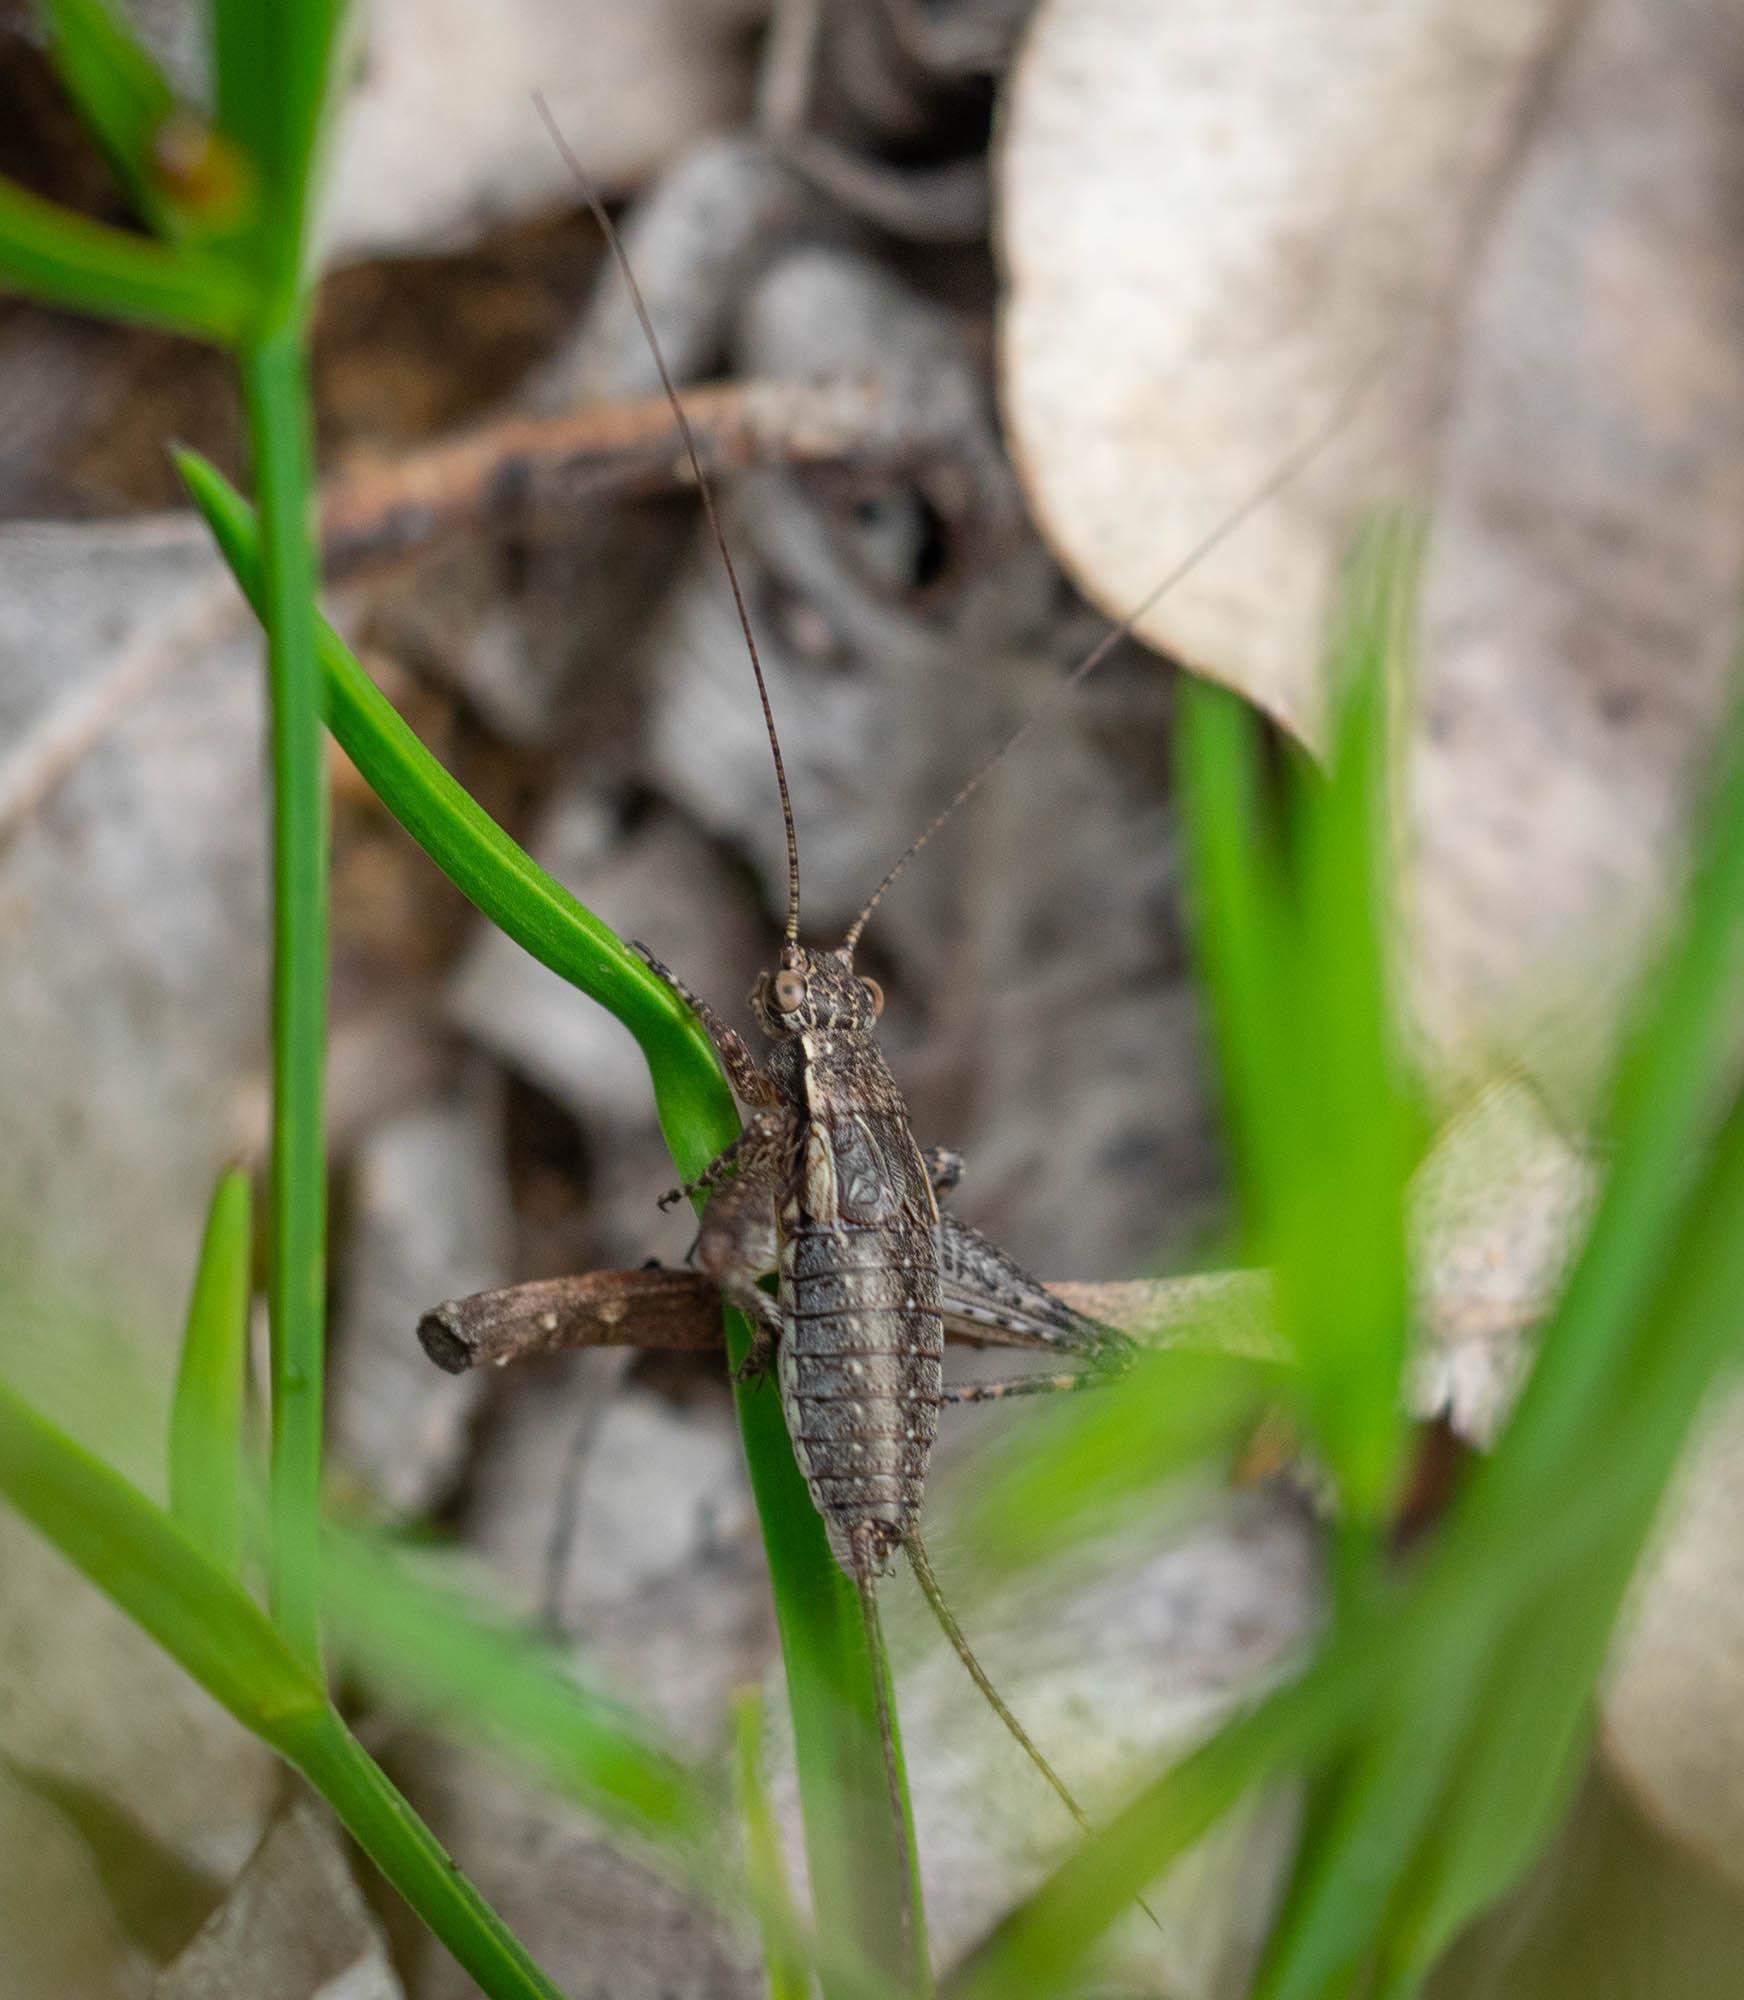 a tiny cricket